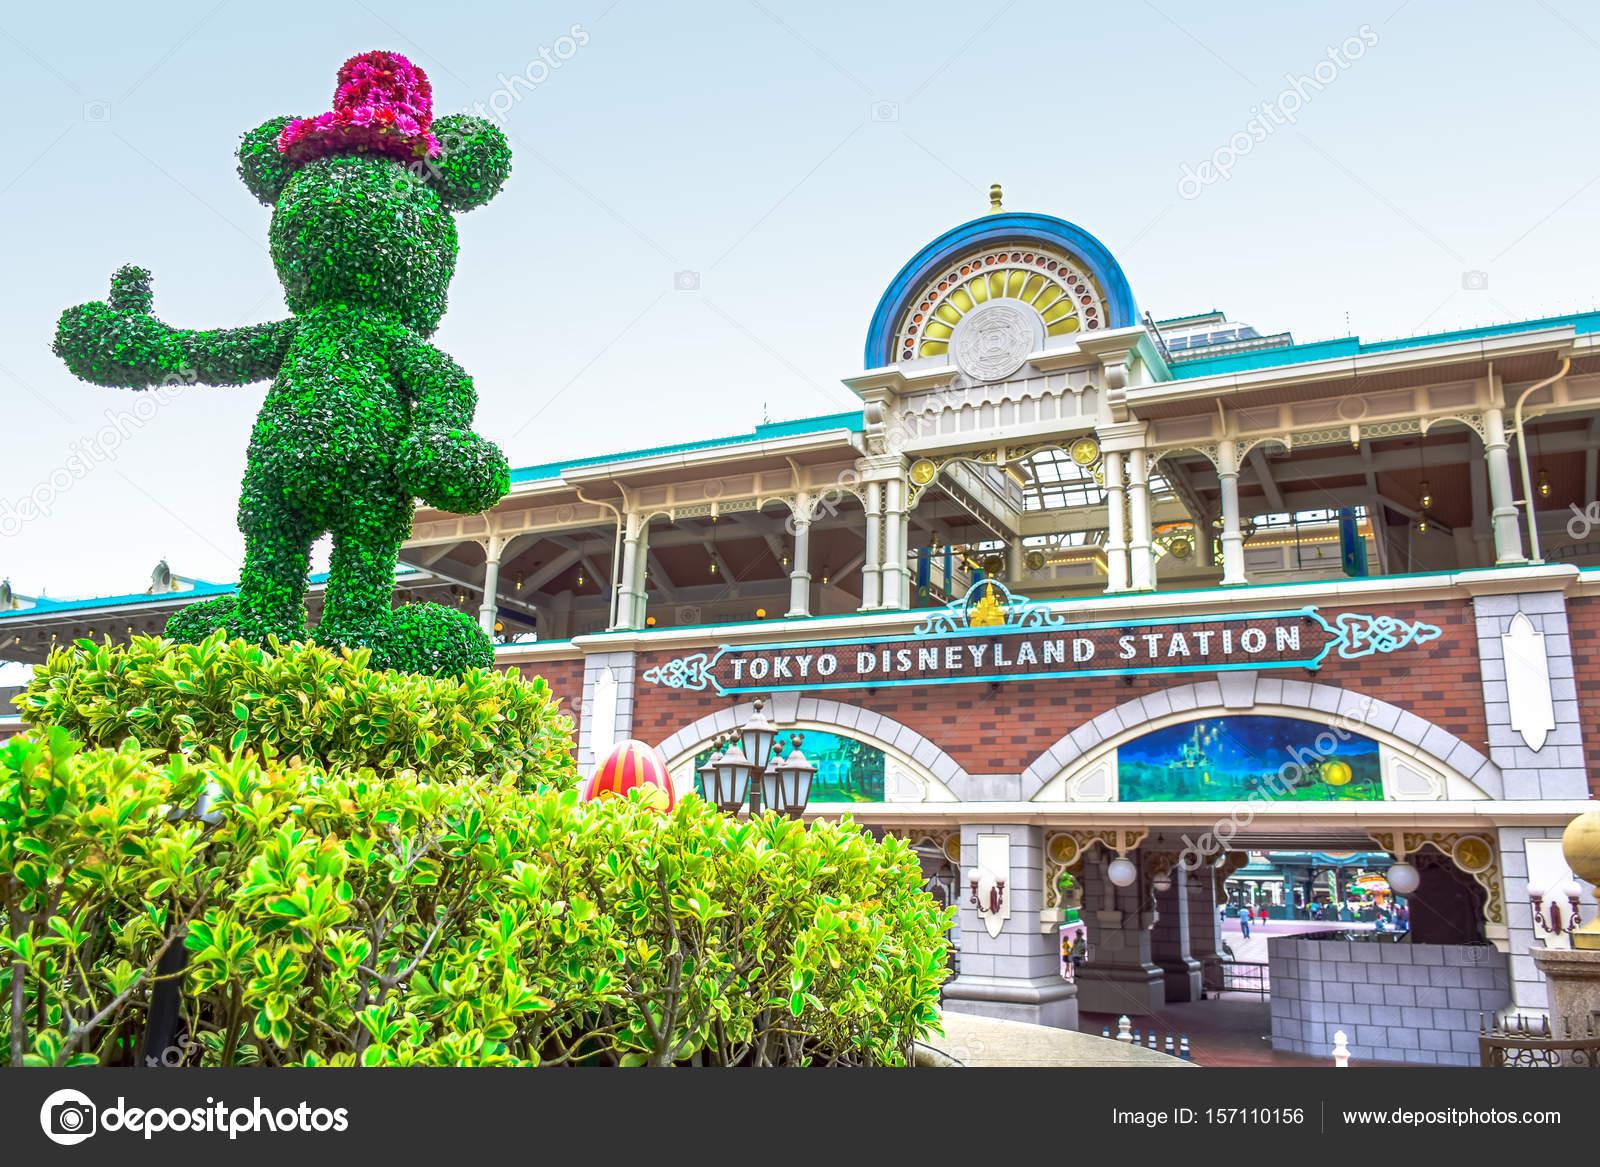 千葉県東京ディズニーランド リゾート モノレール駅、浦安、千葉、日本